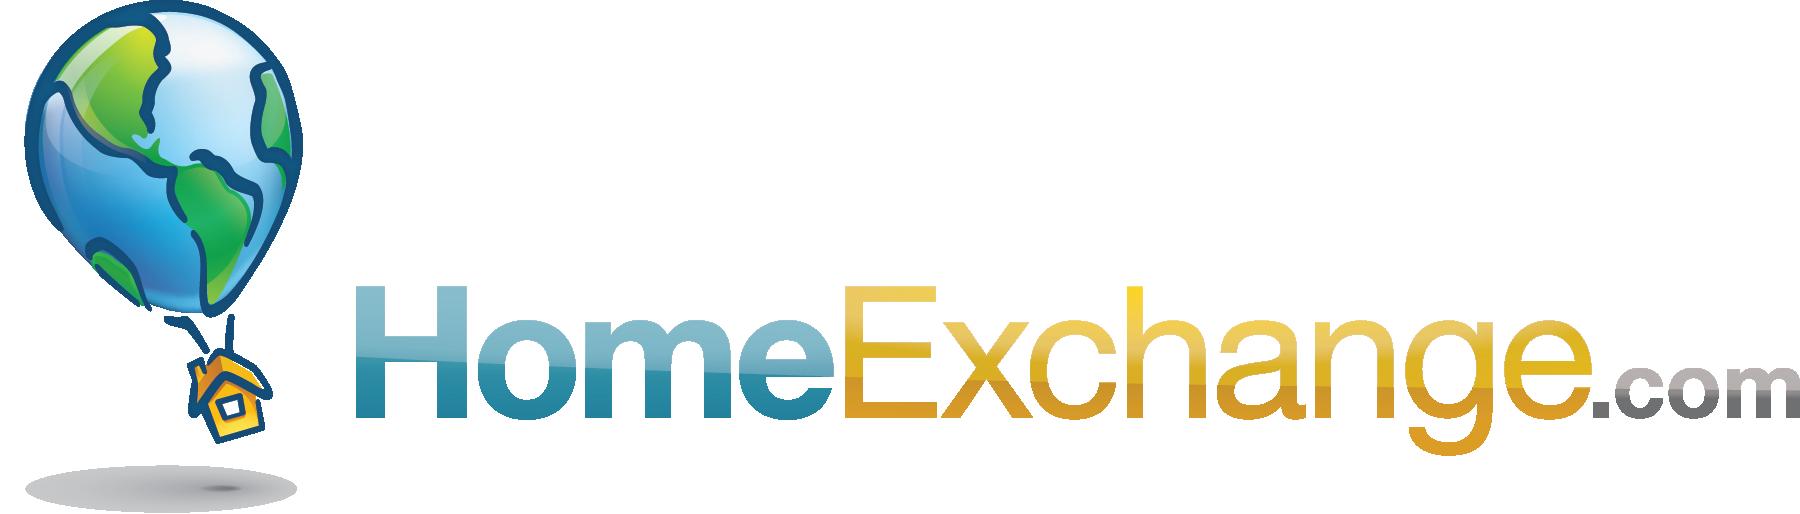 Homeexchange/Trocmaison